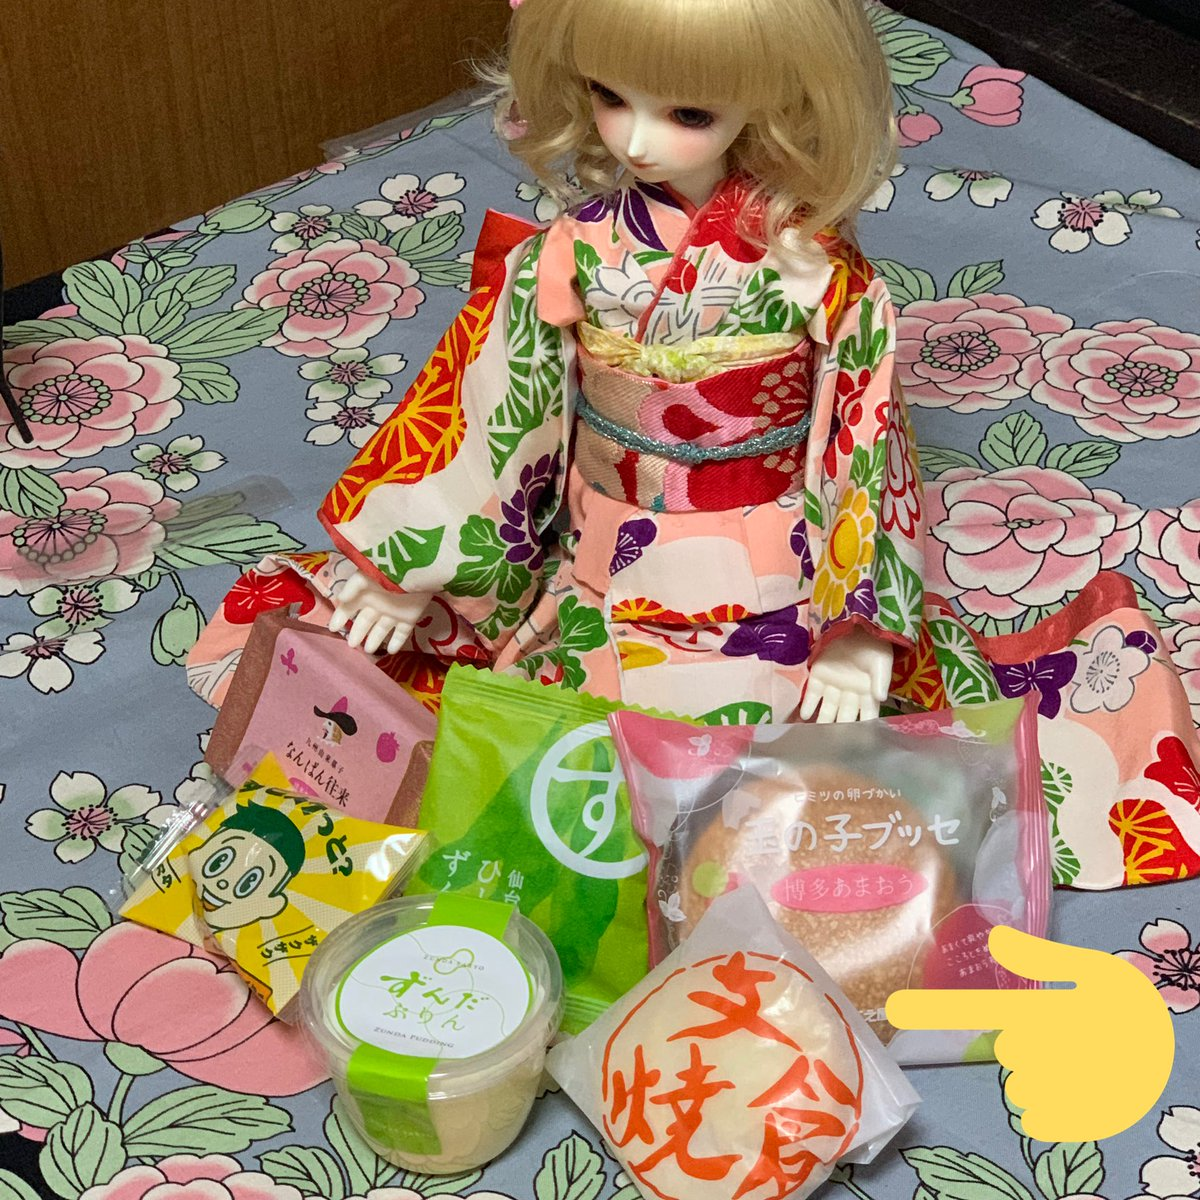 test ツイッターメディア - @koe_chan ユアさん、将来楽しみですね! いただいた支倉焼が美味しくて、自分でも買ってしまいました! すてきな出会いをありがとうです💕 https://t.co/SPO8QsgOBL